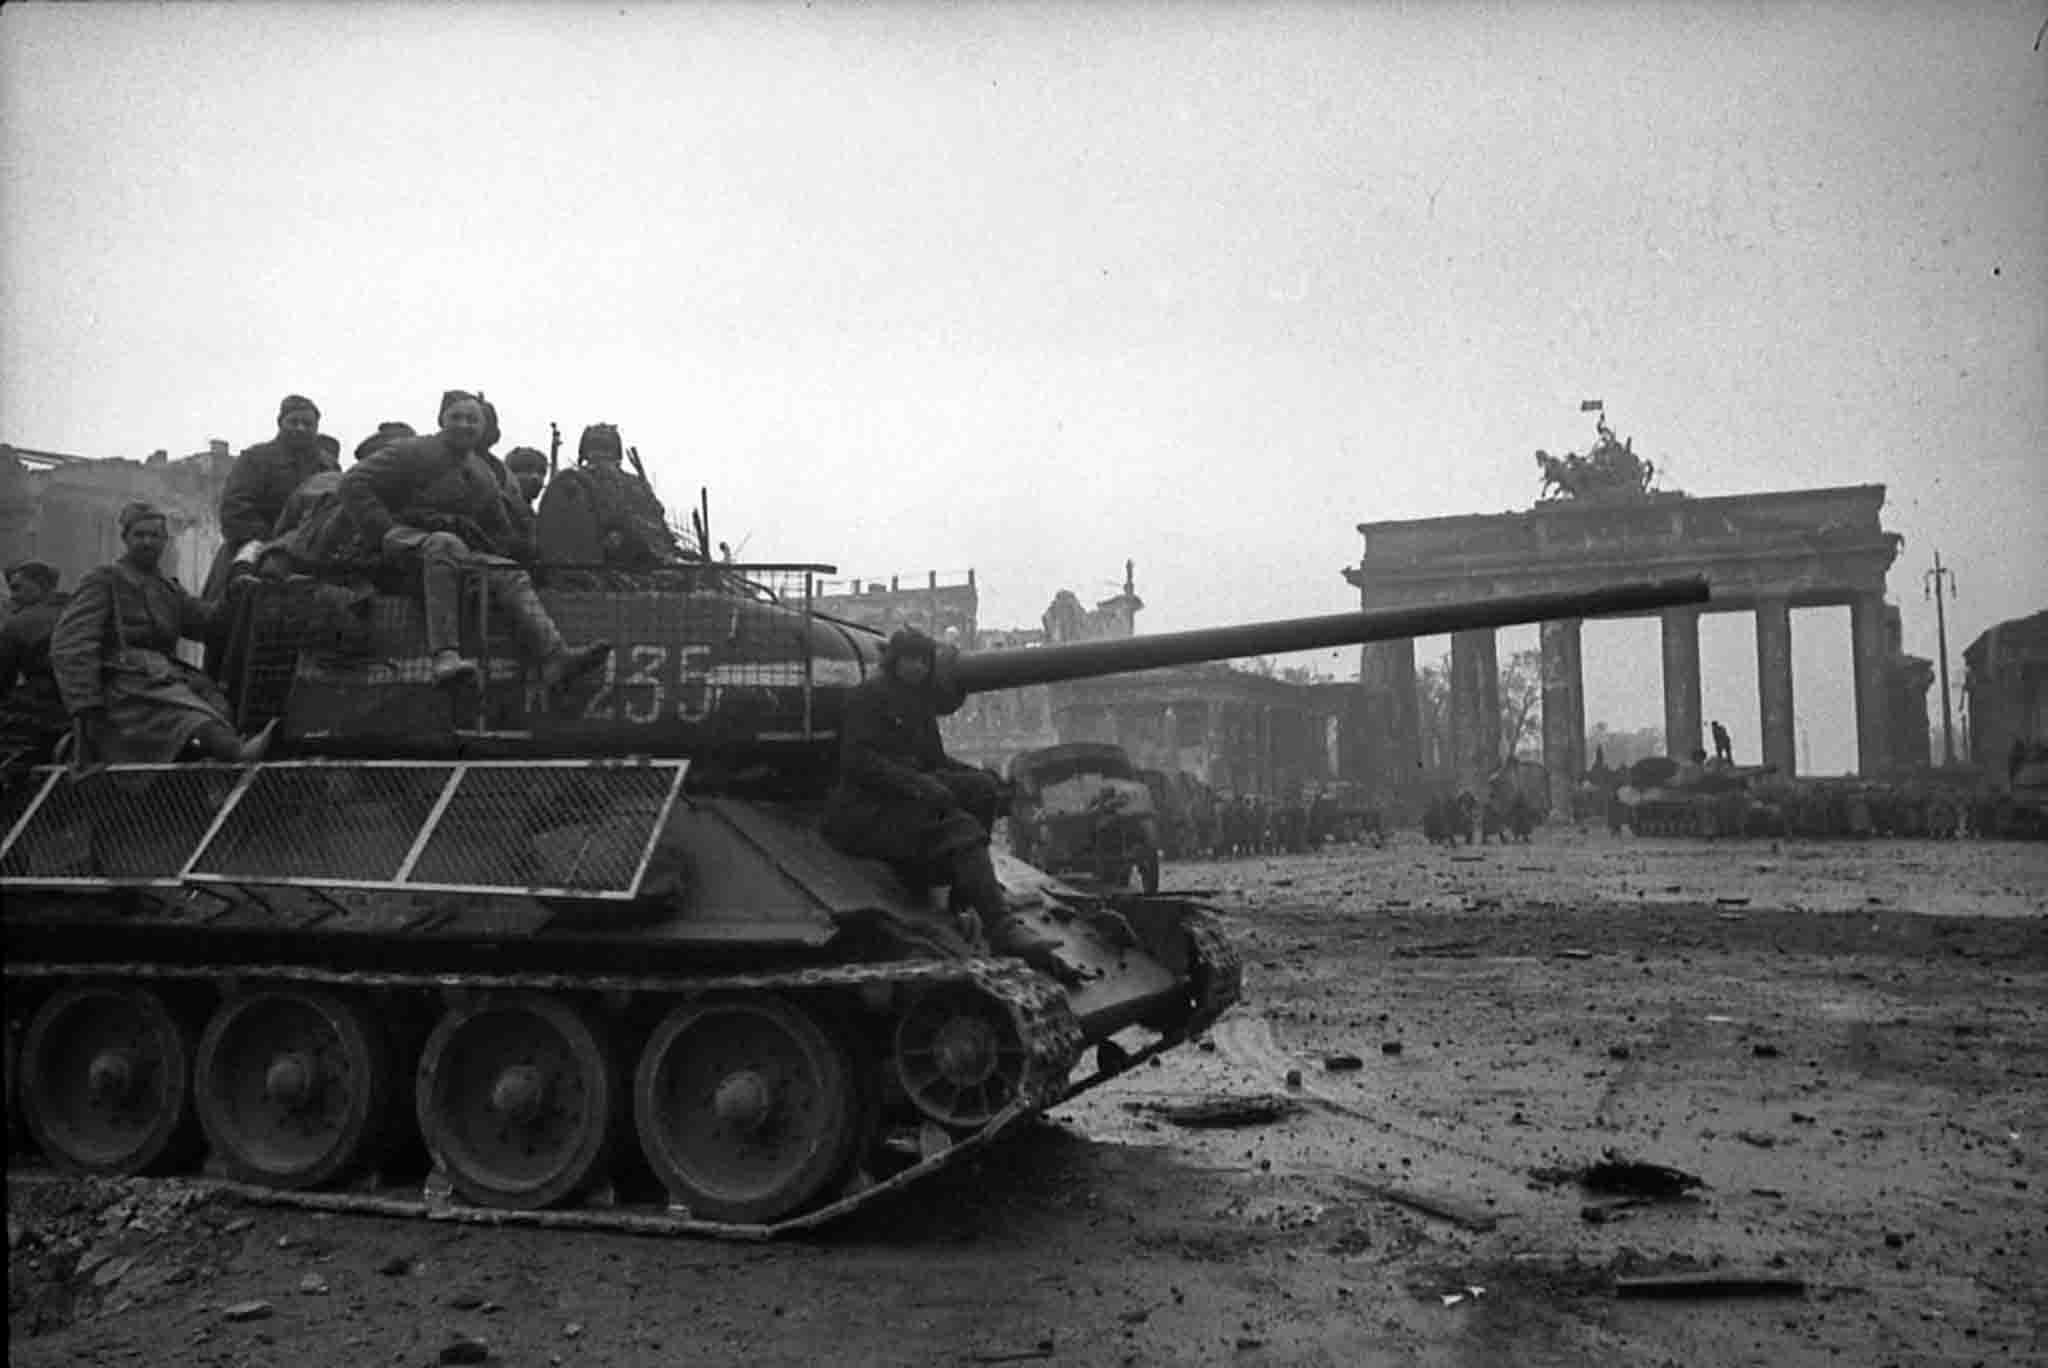 Panzerfaust rakéták elleni improvizált védelemmel felszerelt T-34-85 a Brandenburgi kapu előtt #moszkvater